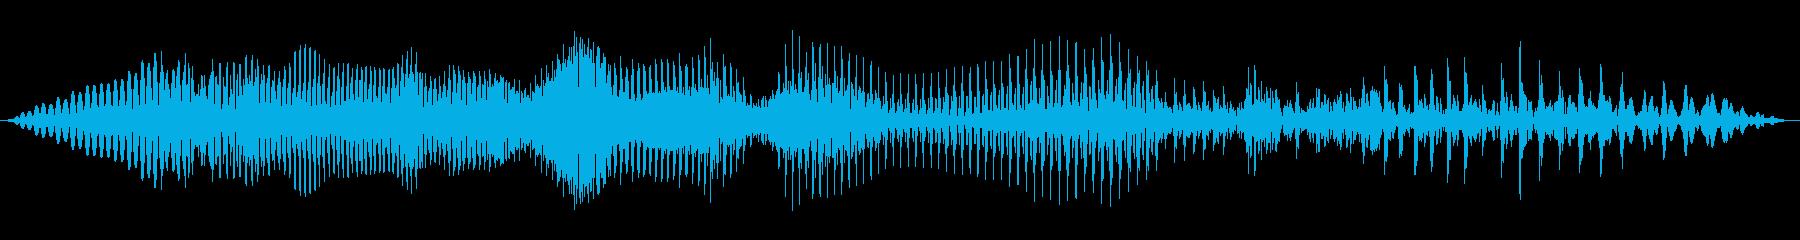 ビデオゲーム:ヒューマンボイスクリ...の再生済みの波形